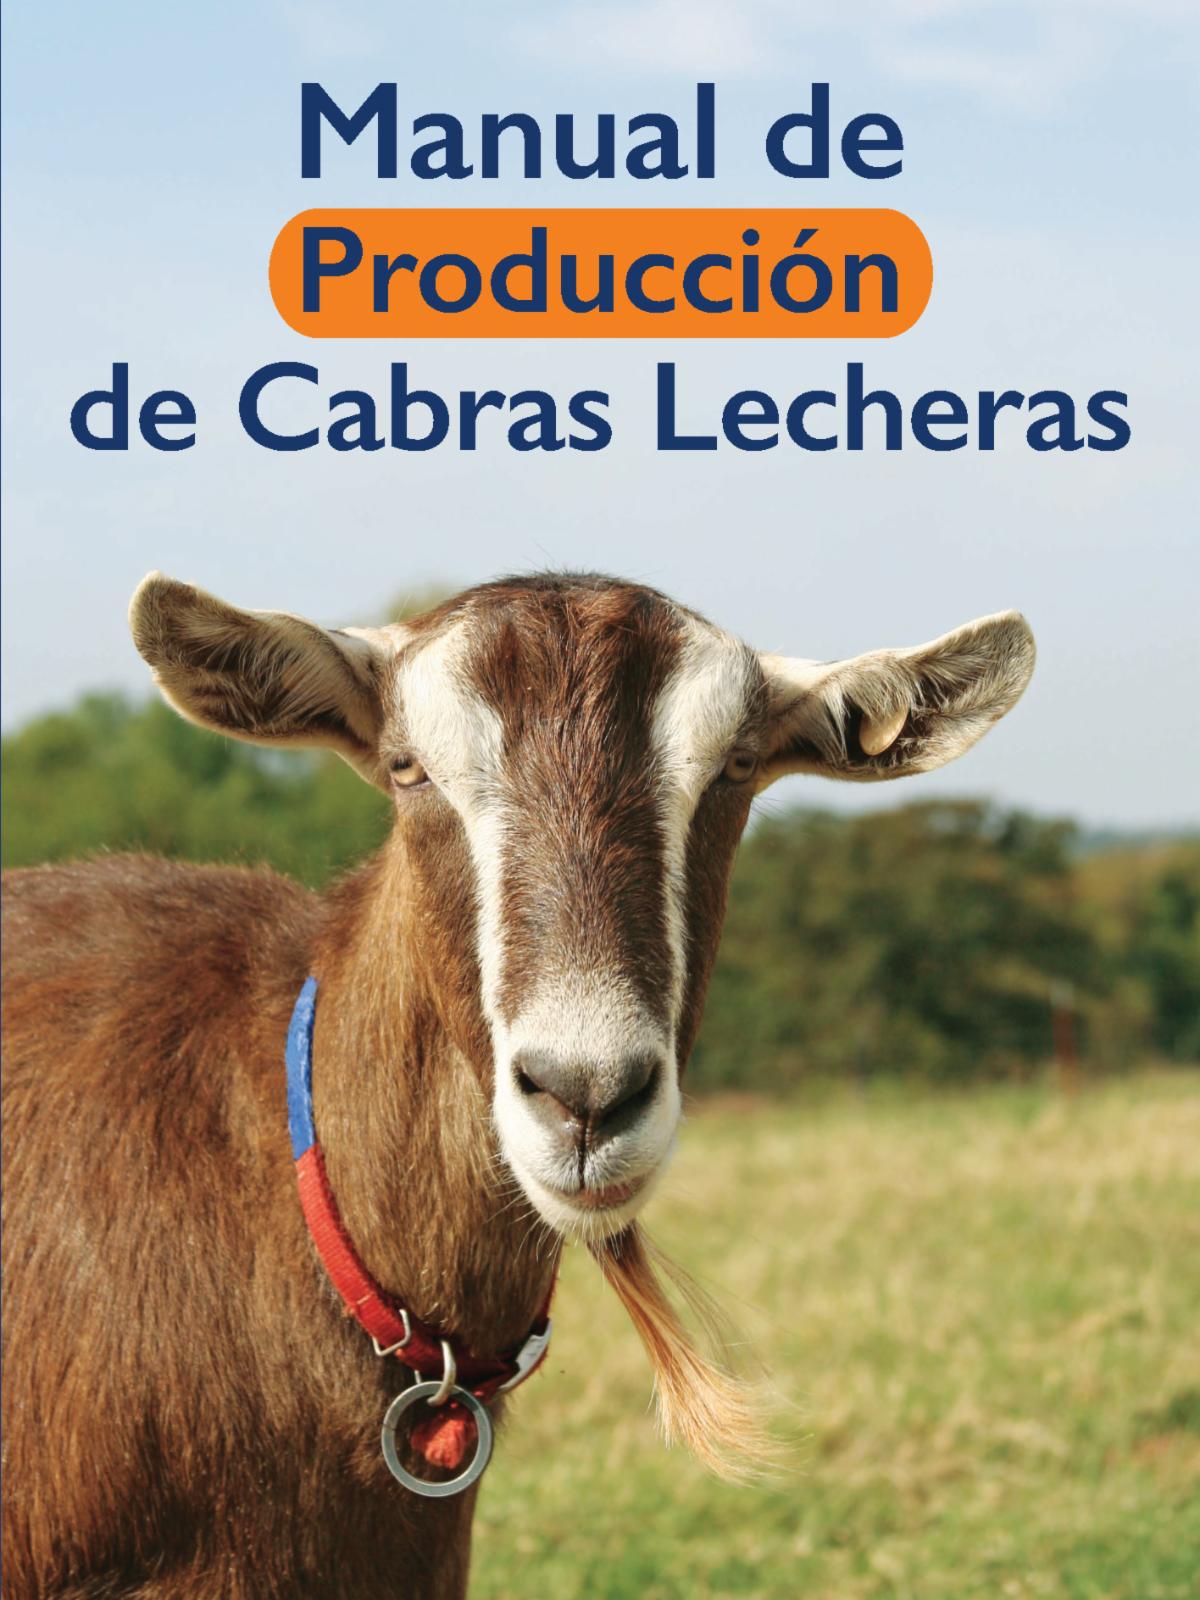 Manual de Producción de Cabras Lecheras (Goat Production Manual) with a goat on the cover.